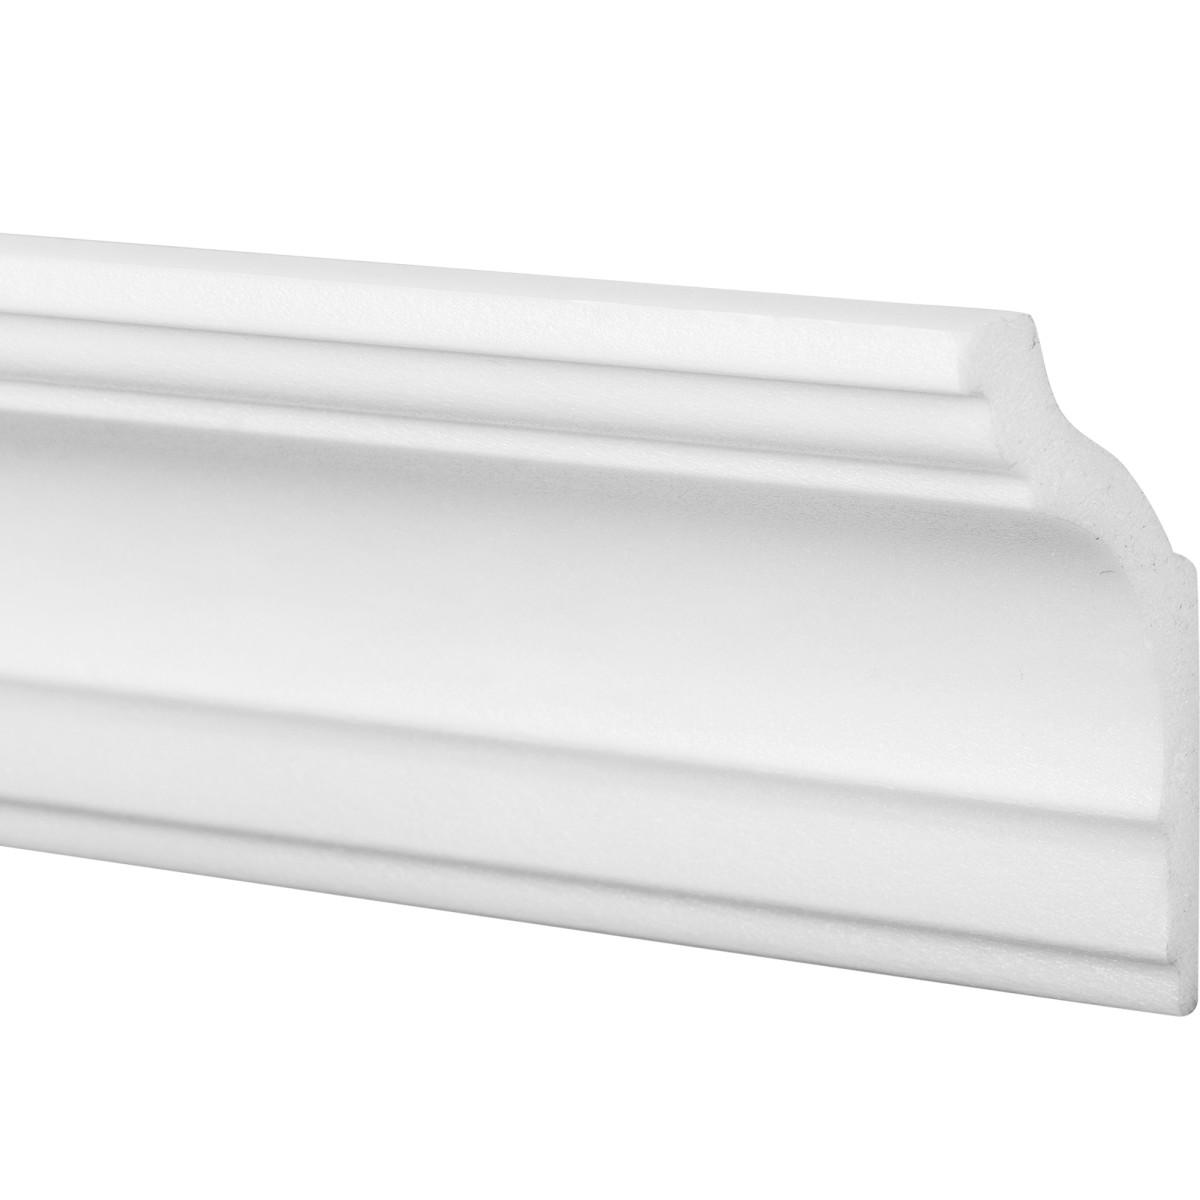 Плинтус для натяжных потолков экструдированный полистирол белый Inspire 08018А 4х7х200 см